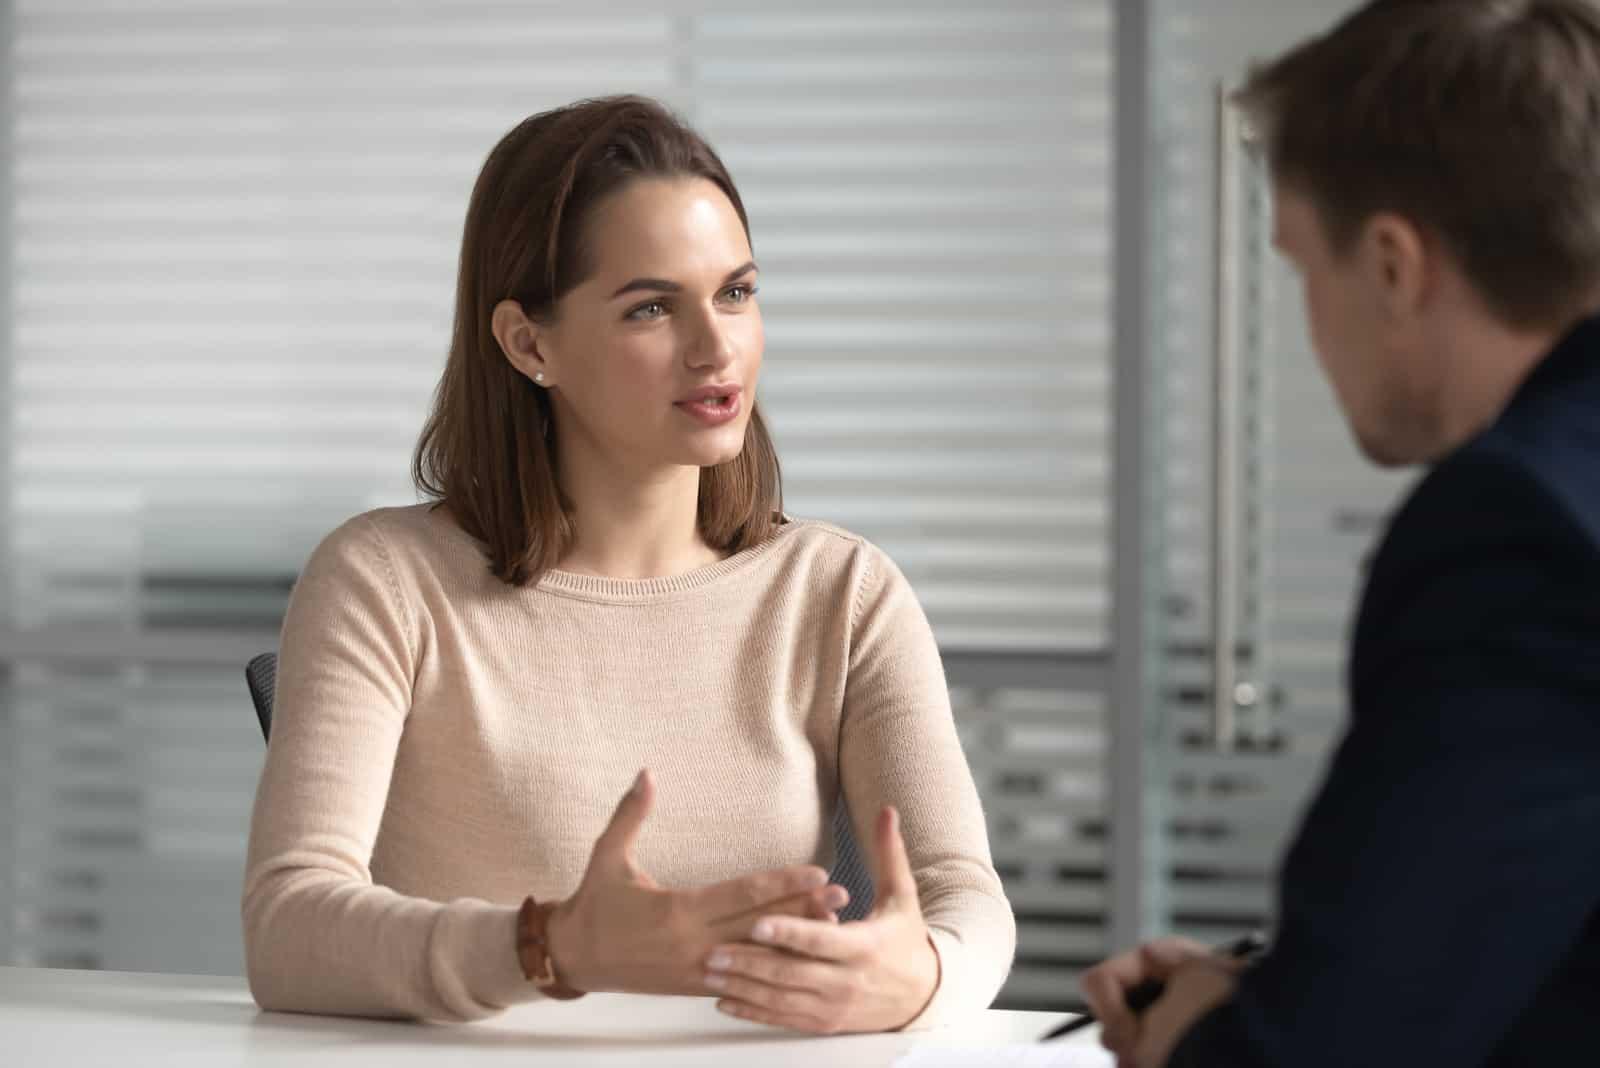 Mann und Frau sitzen am Tisch und reden ernst